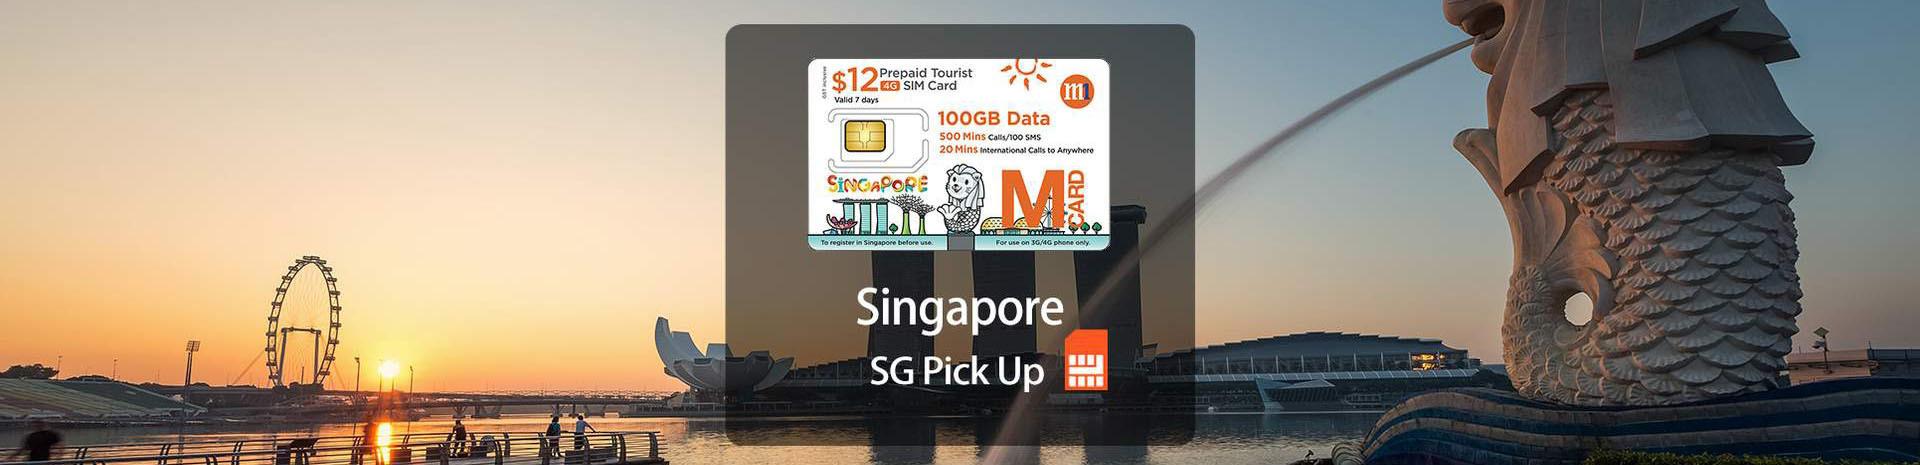 sim-4g-singapore-100gb